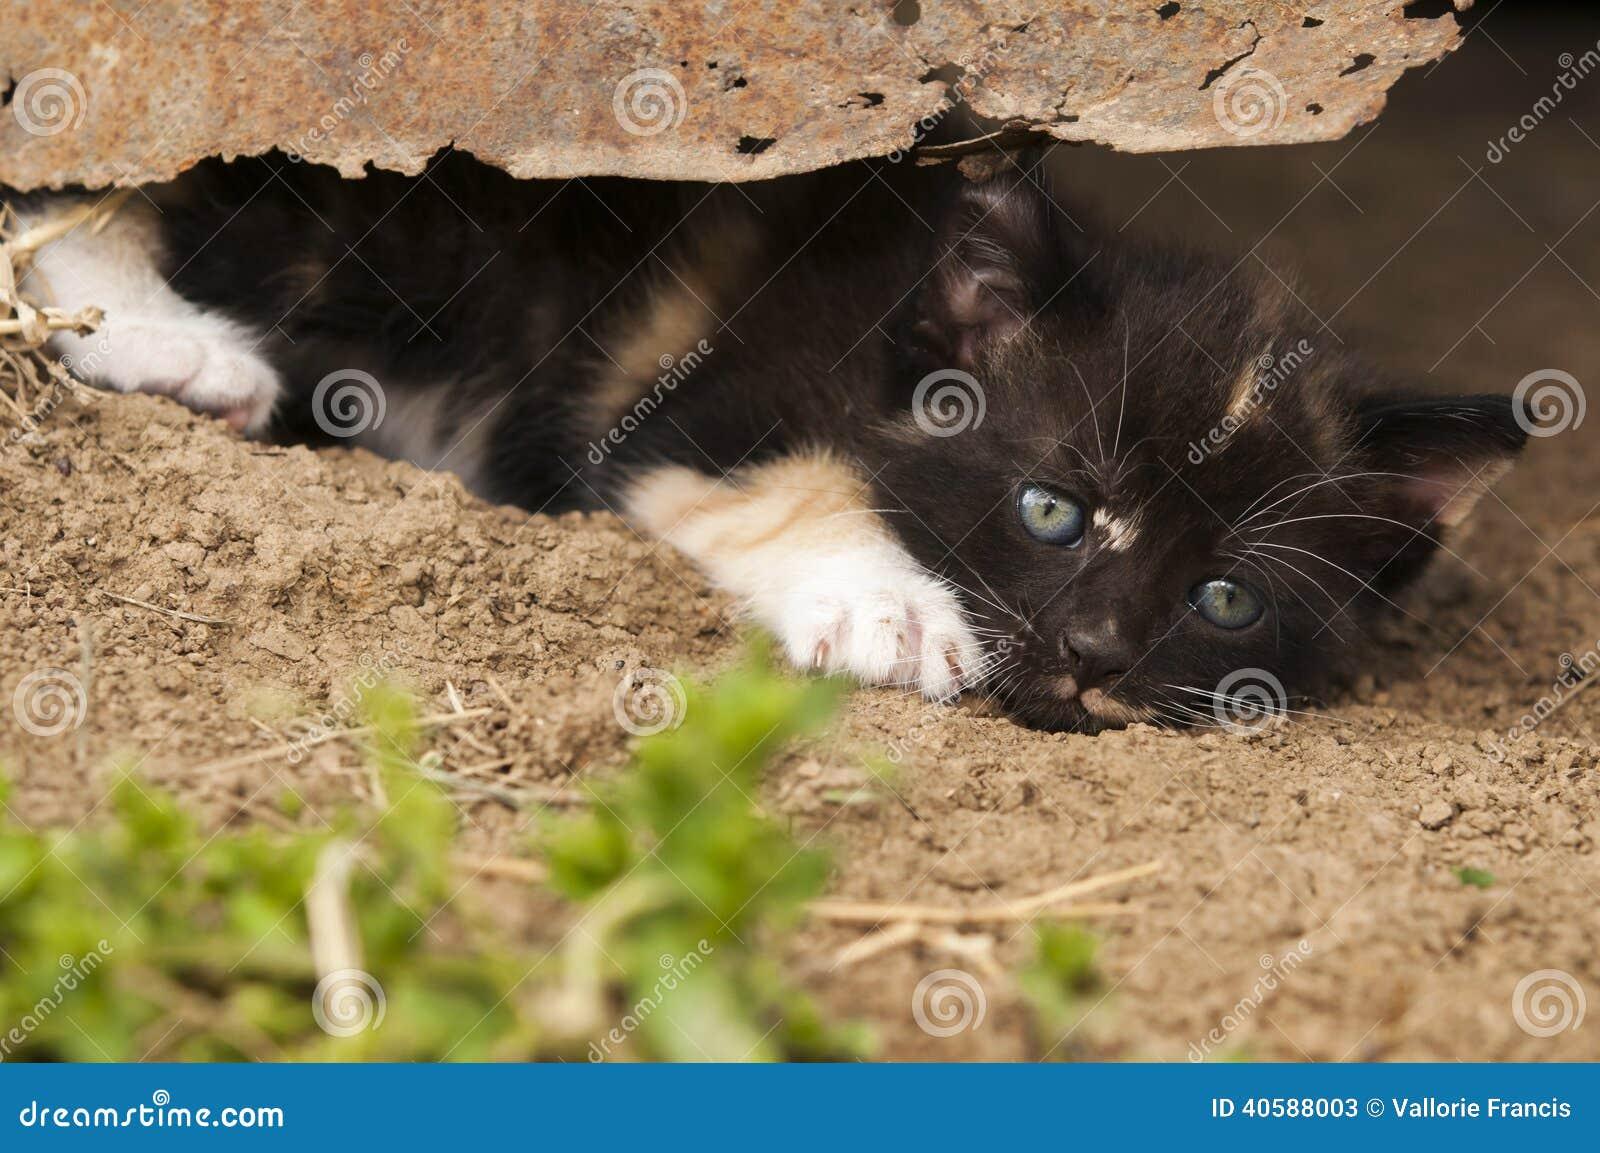 Котенок под ржавым оловом